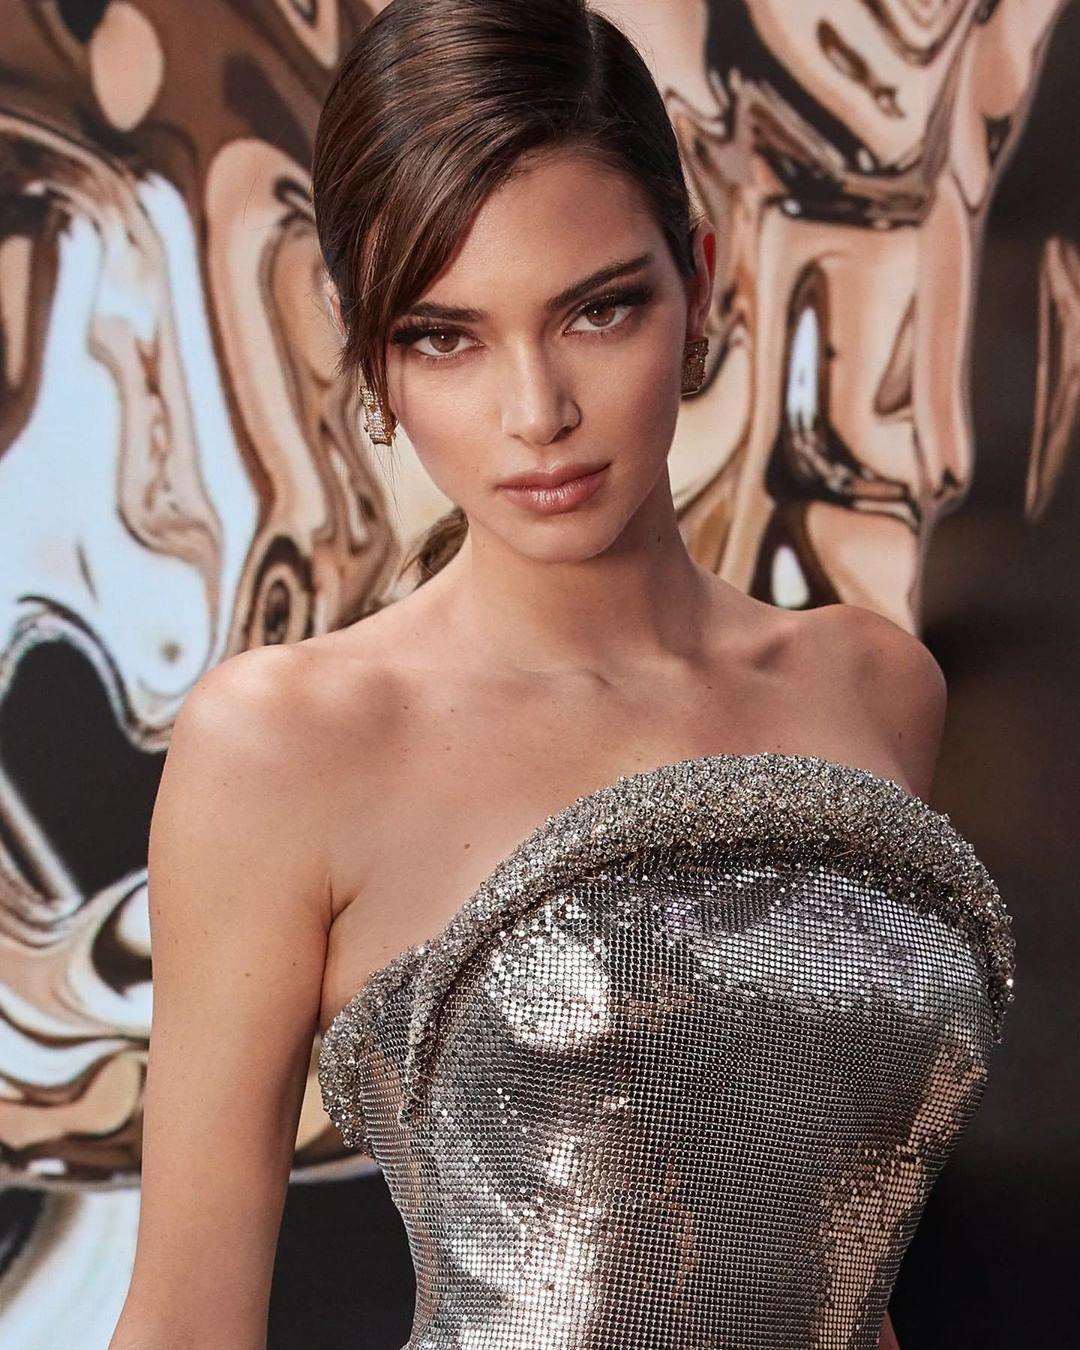 Самая высокооплачиваемая модель позировала в бикини для украинской фотохудожницы